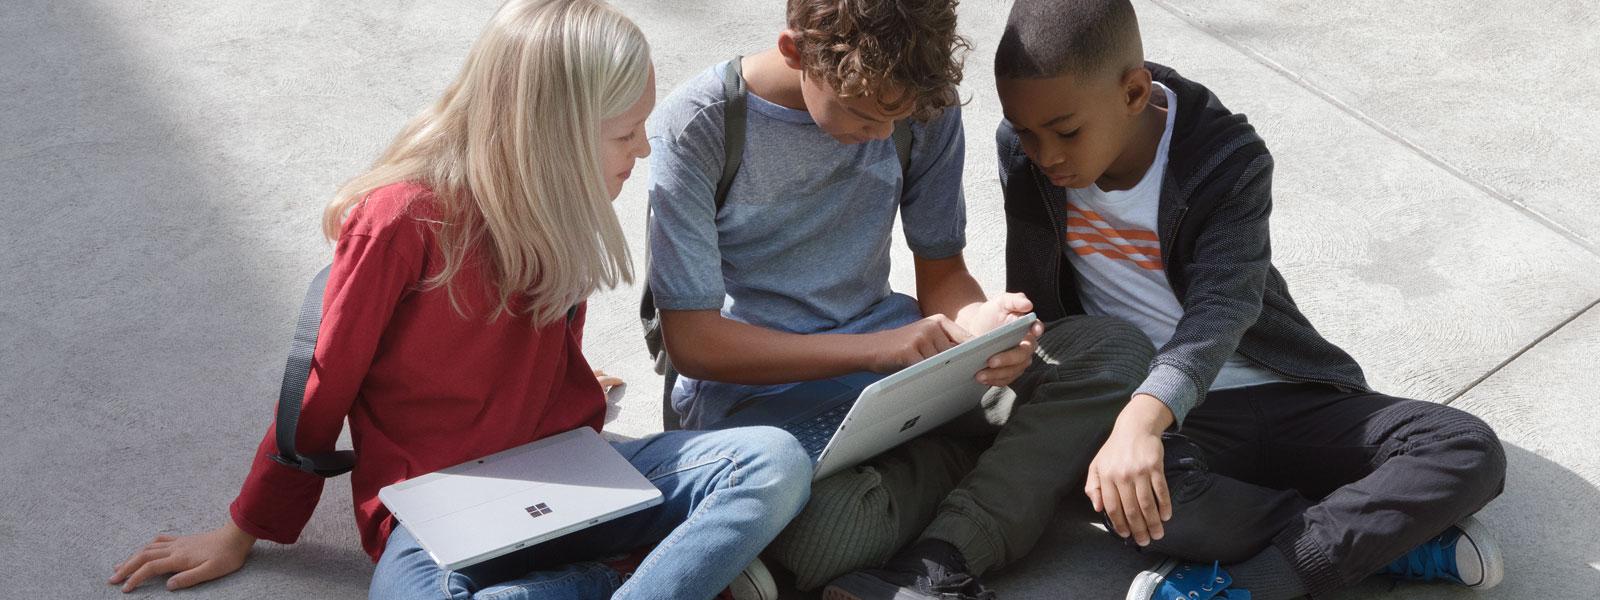 Kolme opiskelijaa istumassa pihalla Surface Go sylissään